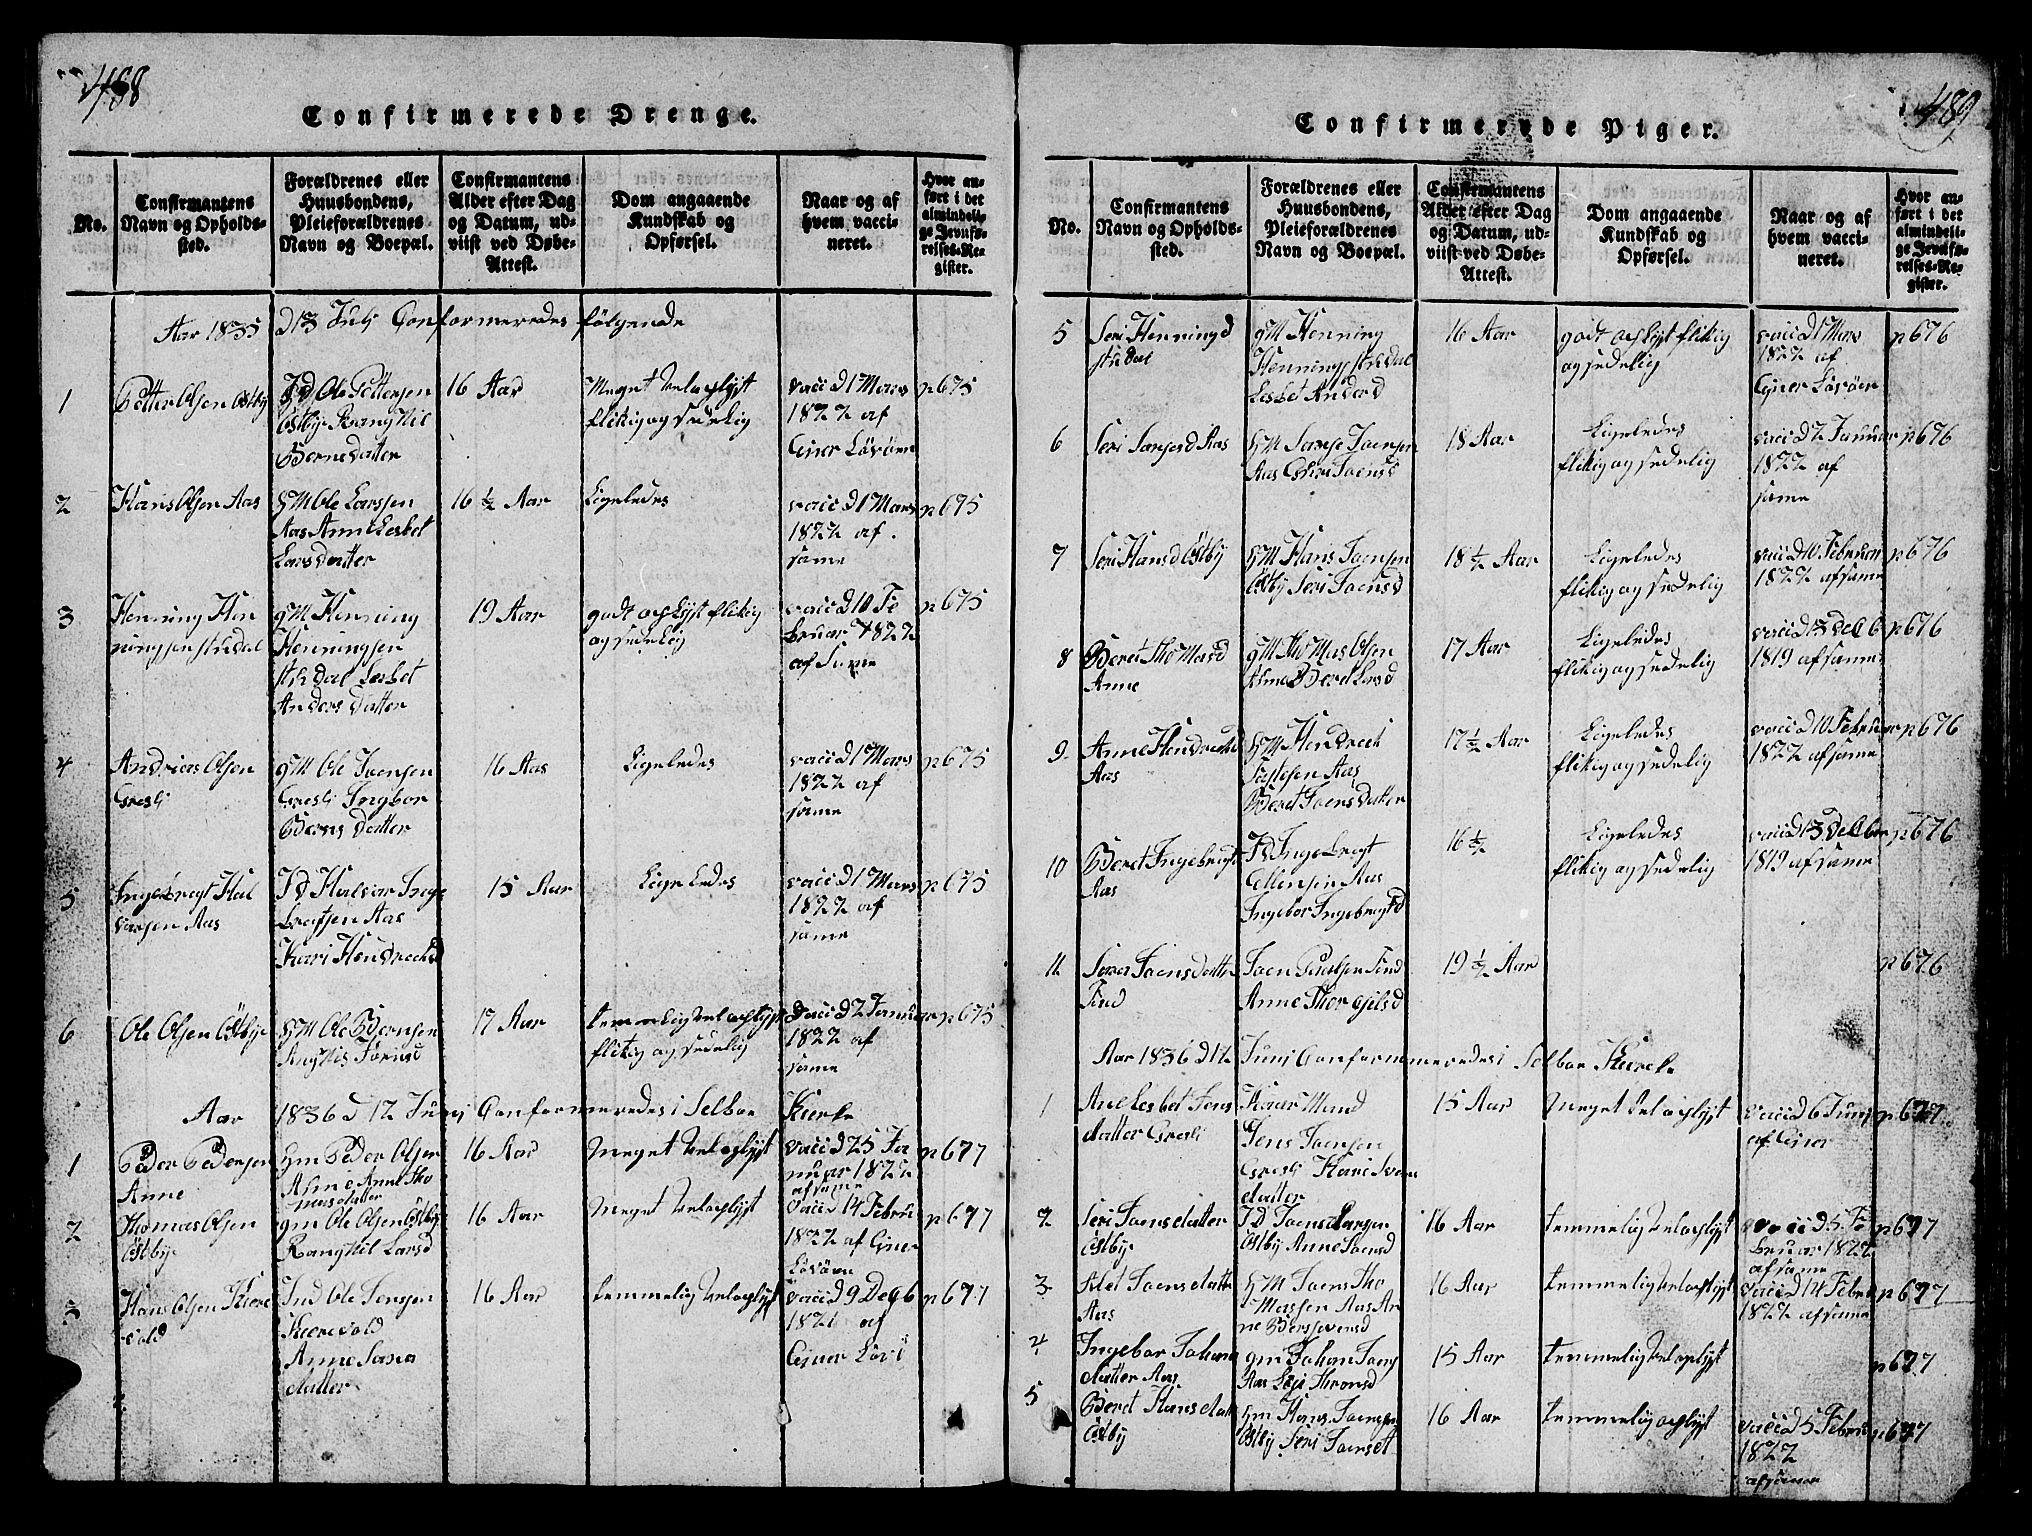 SAT, Ministerialprotokoller, klokkerbøker og fødselsregistre - Sør-Trøndelag, 698/L1164: Klokkerbok nr. 698C01, 1816-1861, s. 488-489